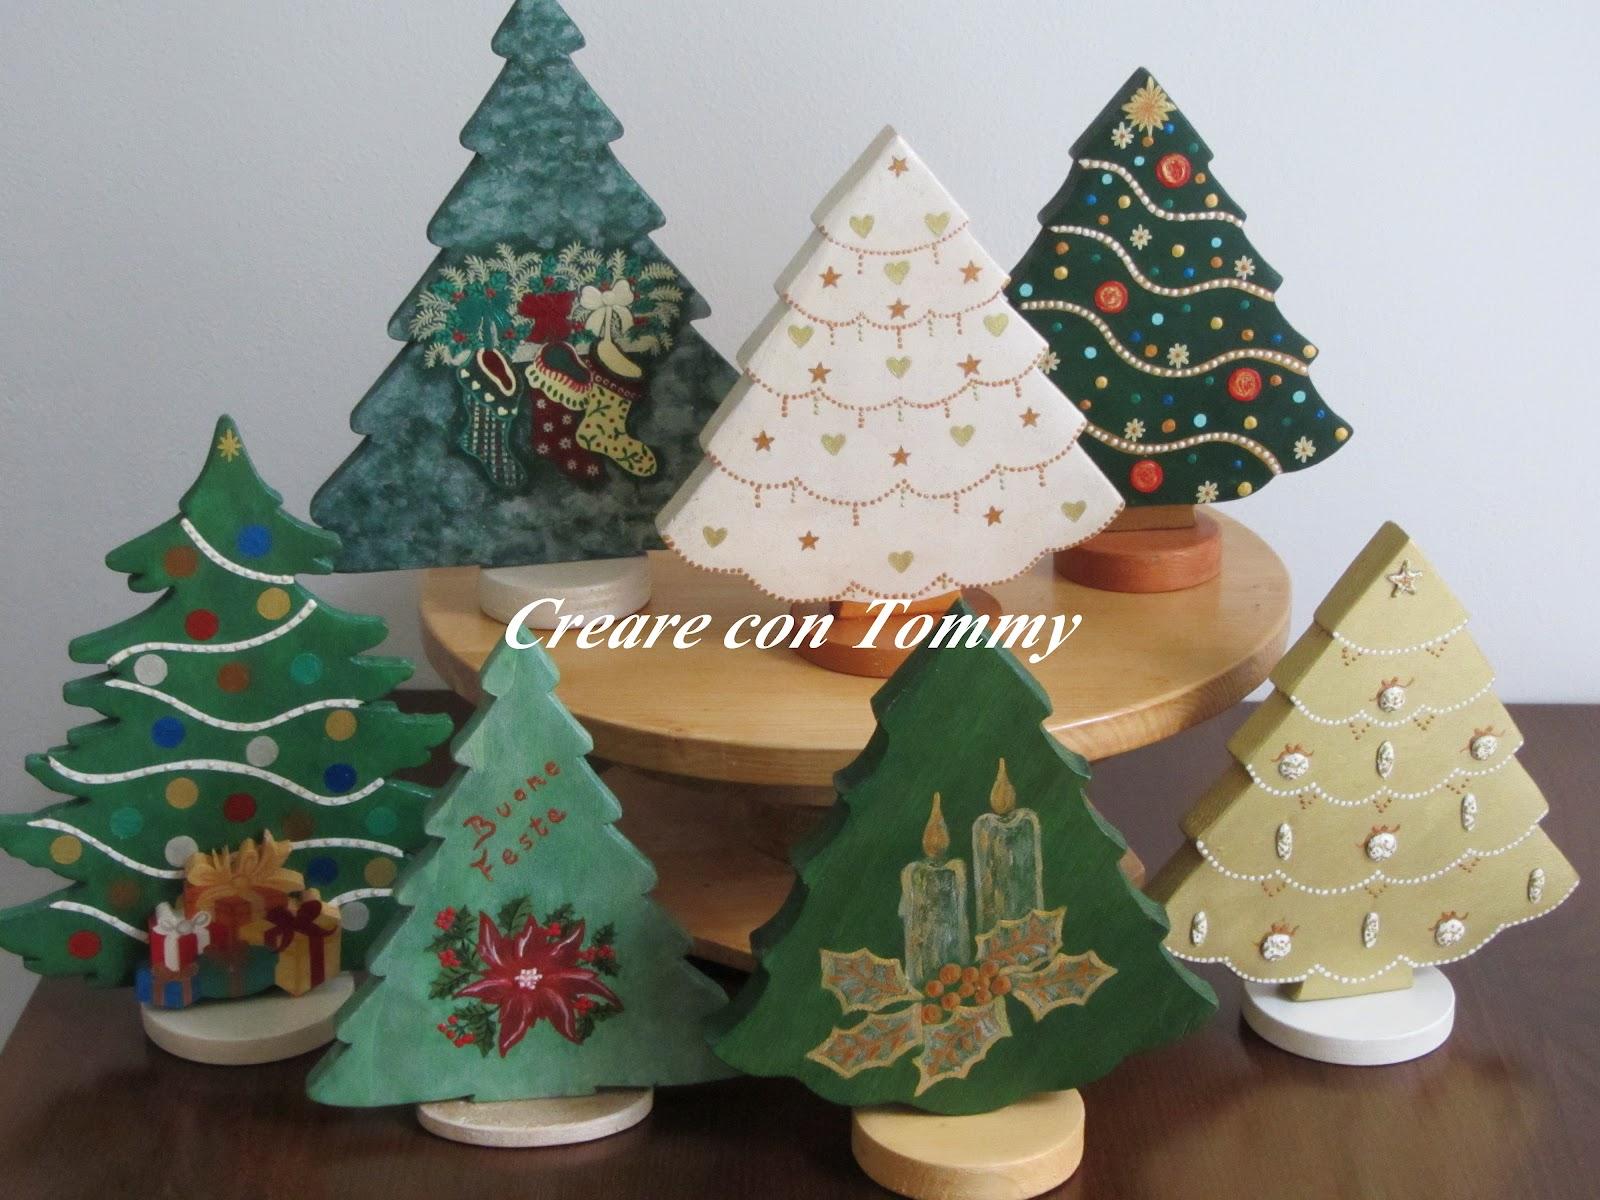 Creare con tommy alberi di natale in legno prima parte - Creare decorazioni natalizie ...